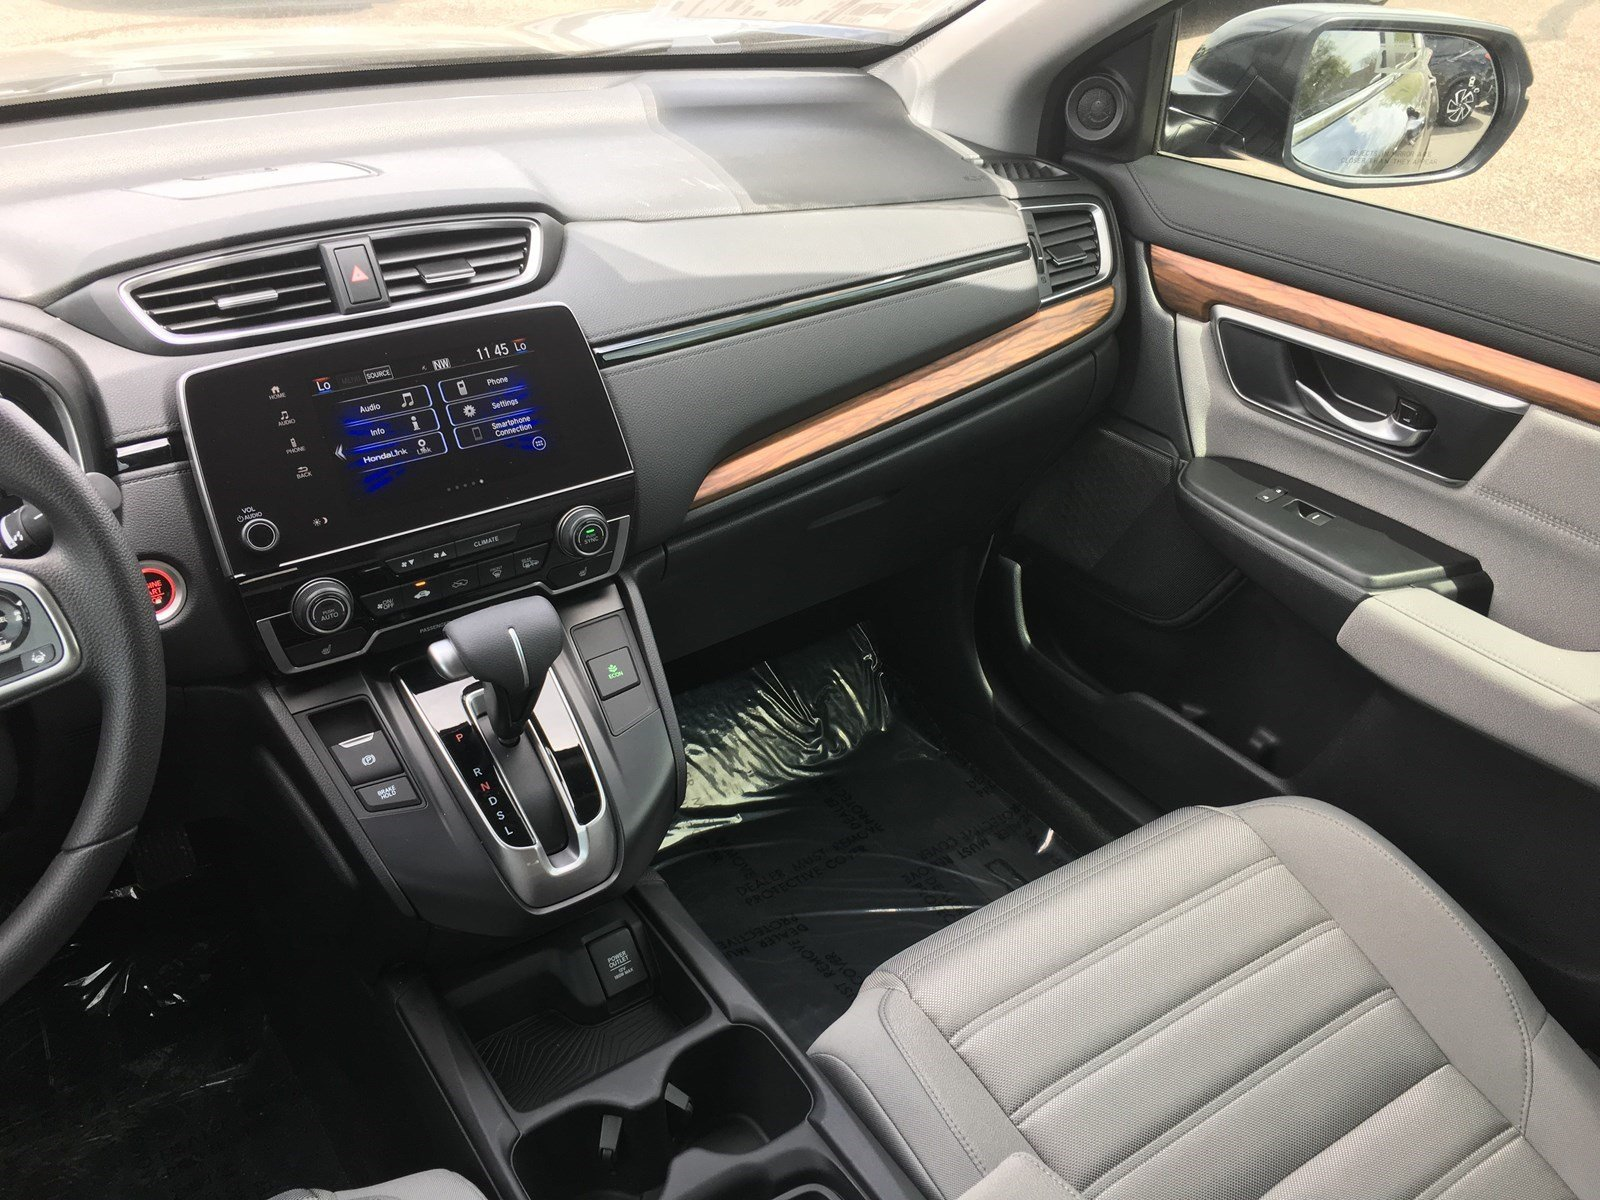 New 2019 Honda CR V EX Sport Utility in Scottsdale 00191324 1600x1200